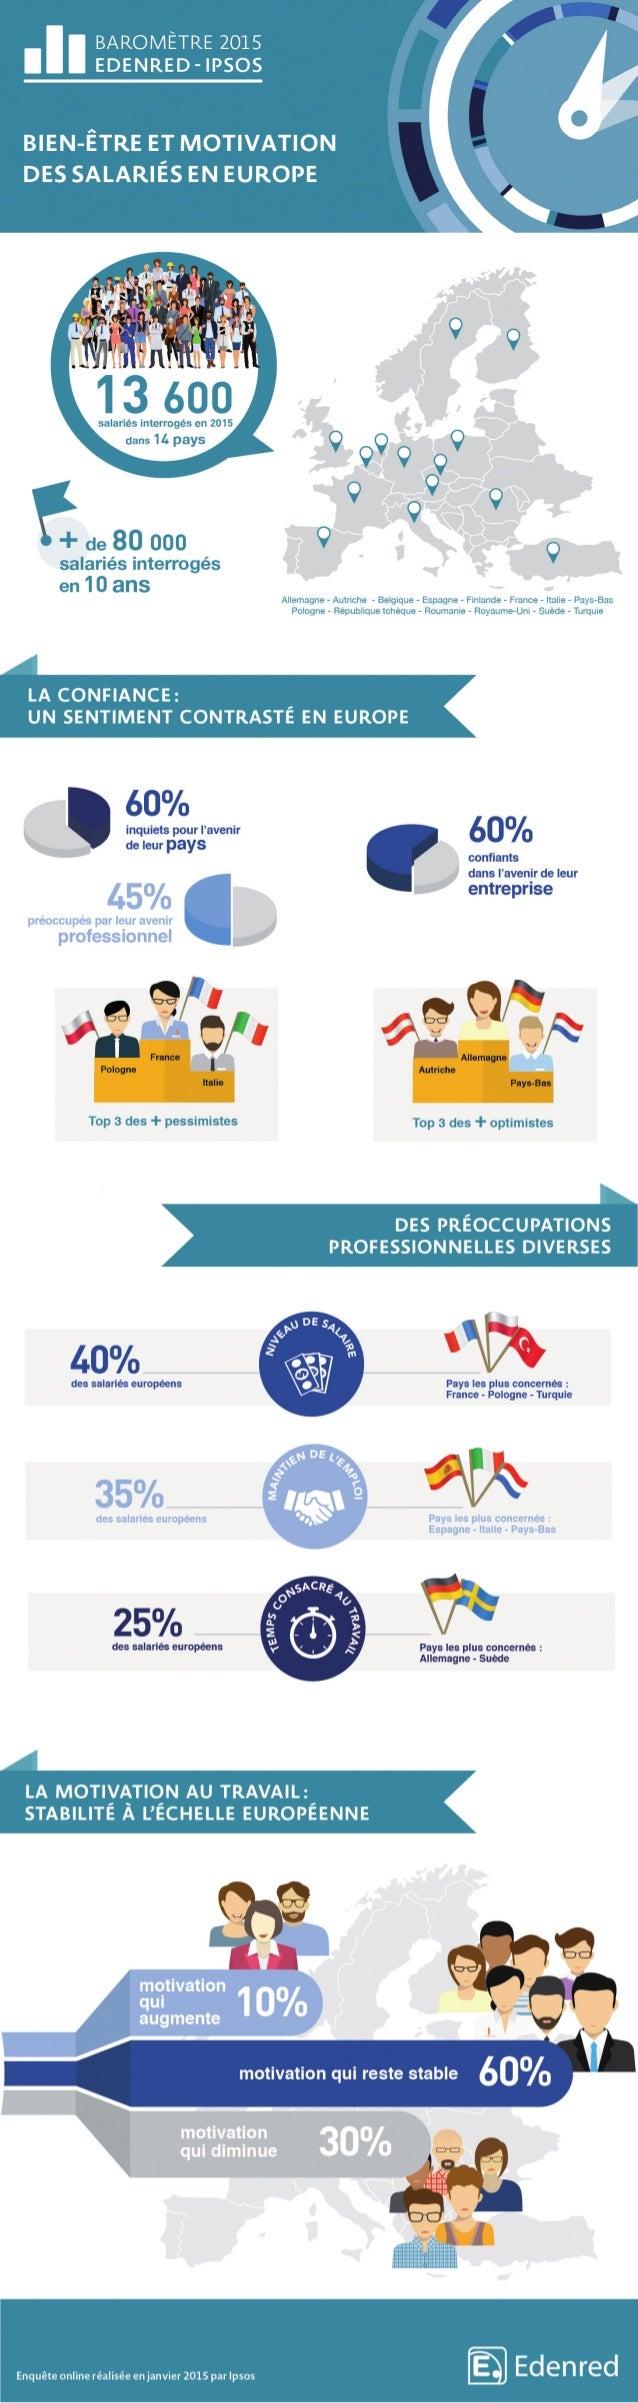 Baromètre Edenred-Ipsos - Motivation et bien-être des salariés européens #1